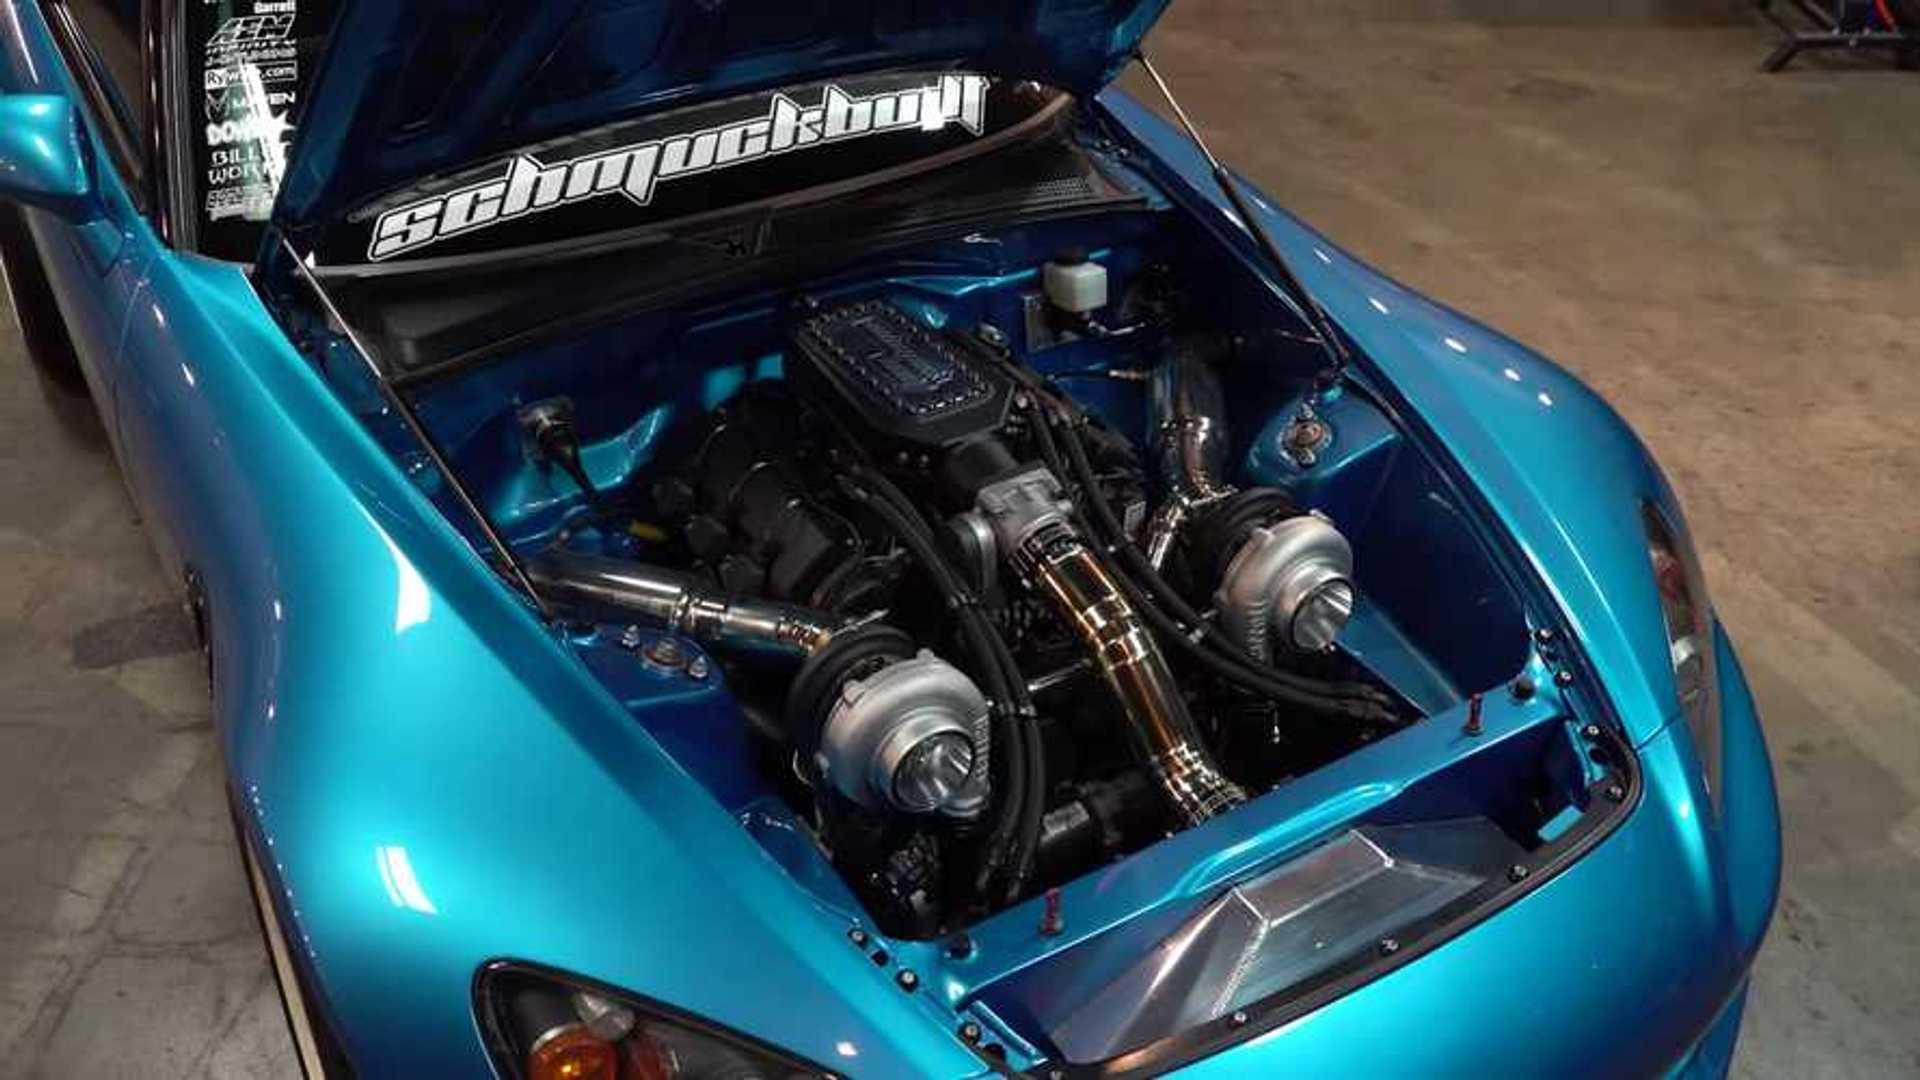 Honda S2000 Packs Twin Turbo Acura V6 Under The Hood